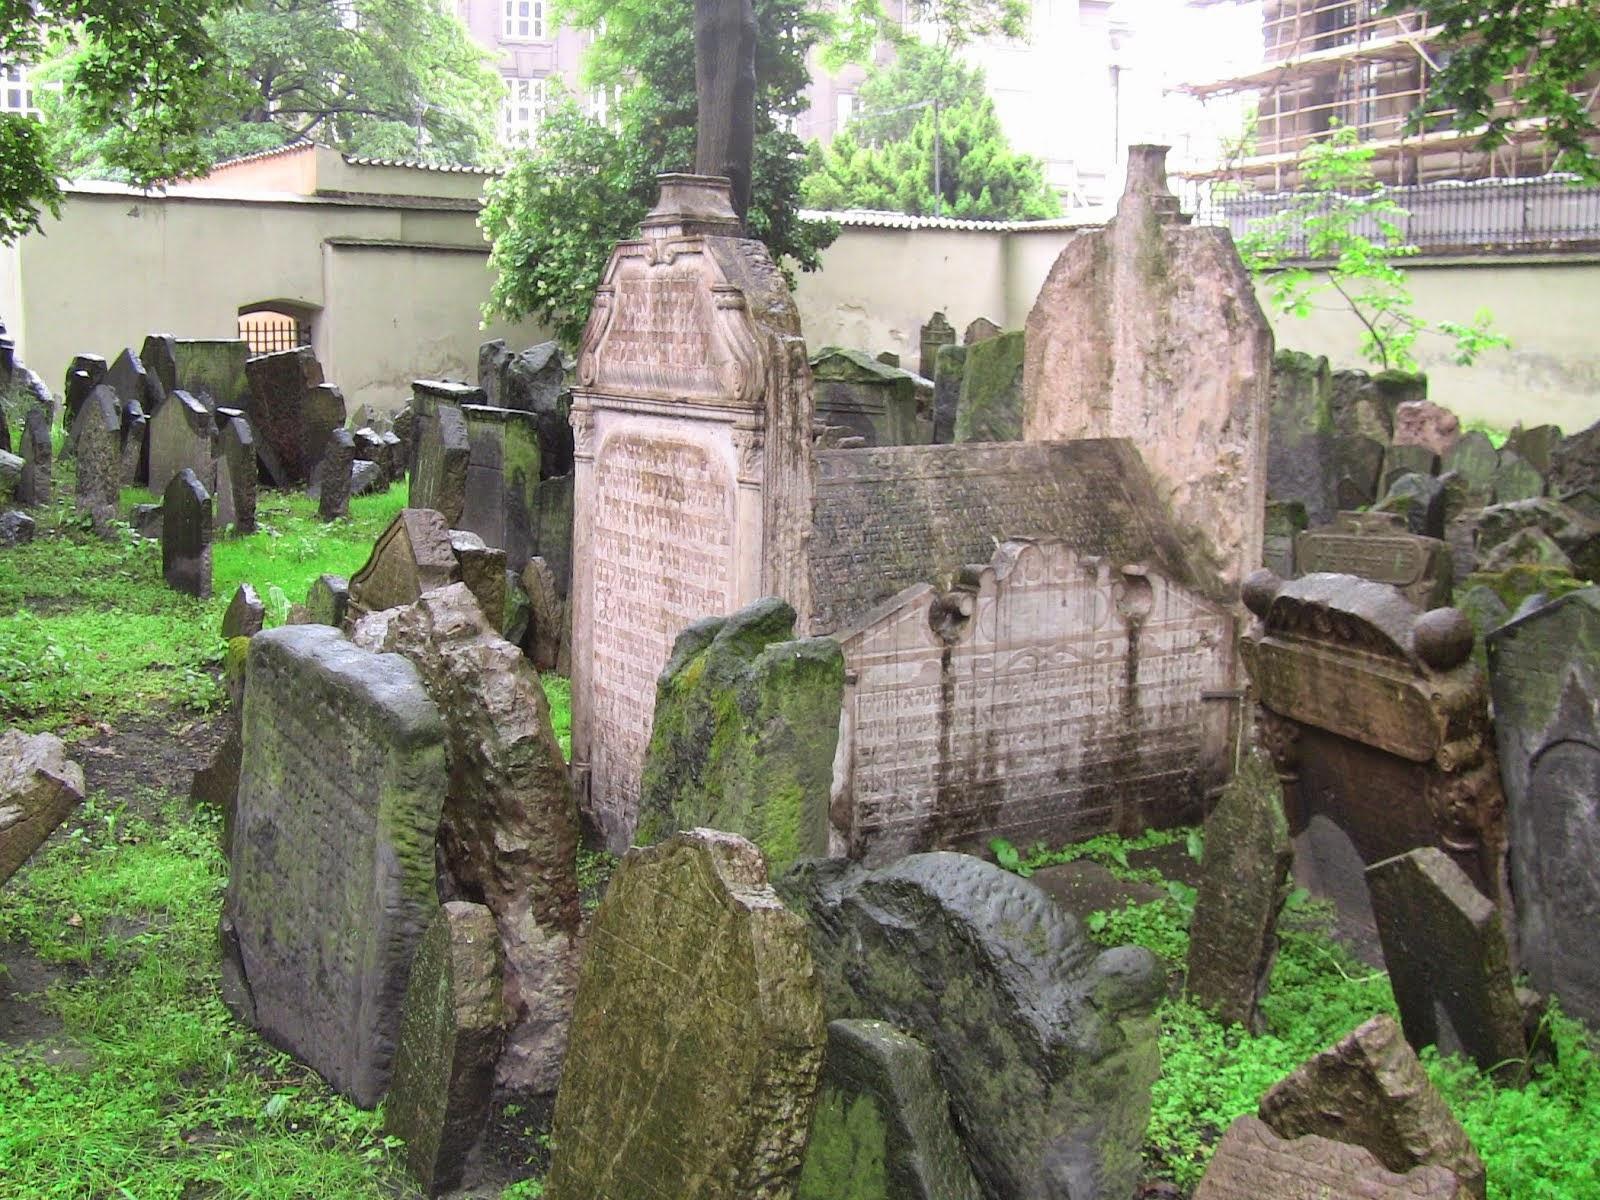 tombe juive du XVIIIe siècle en forme de sarcophage